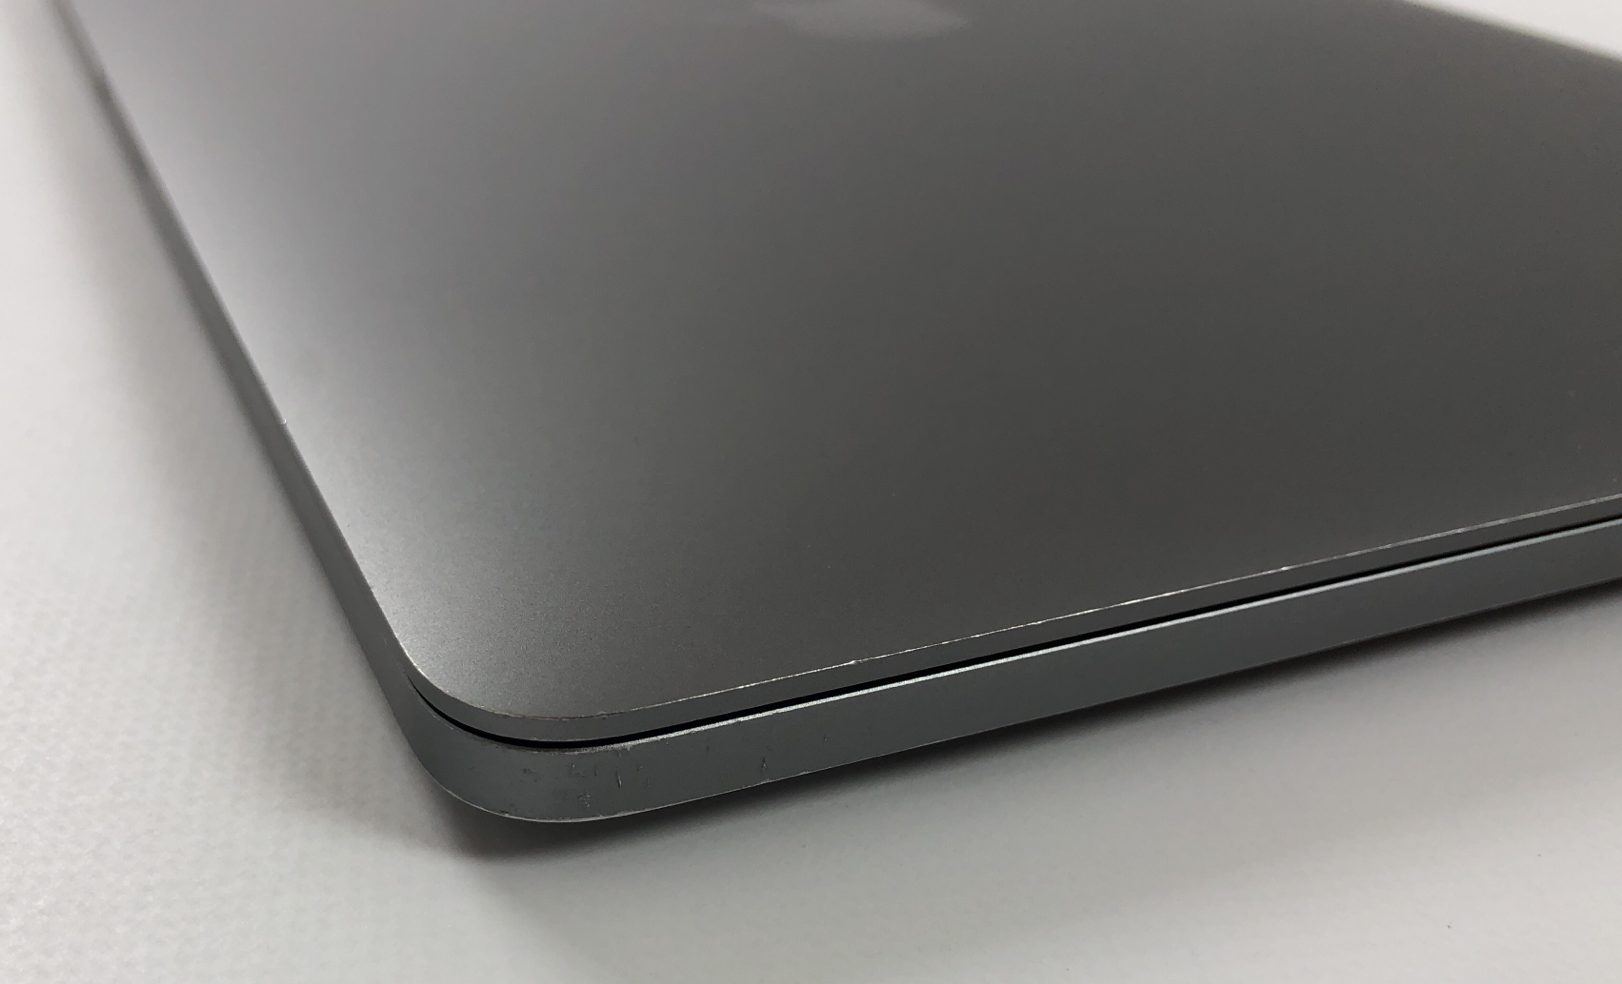 """MacBook Pro 13"""" 4TBT Mid 2017 (Intel Core i5 3.1 GHz 8 GB RAM 256 GB SSD), Space Gray, Intel Core i5 3.1 GHz, 8 GB RAM, 256 GB SSD, Kuva 5"""